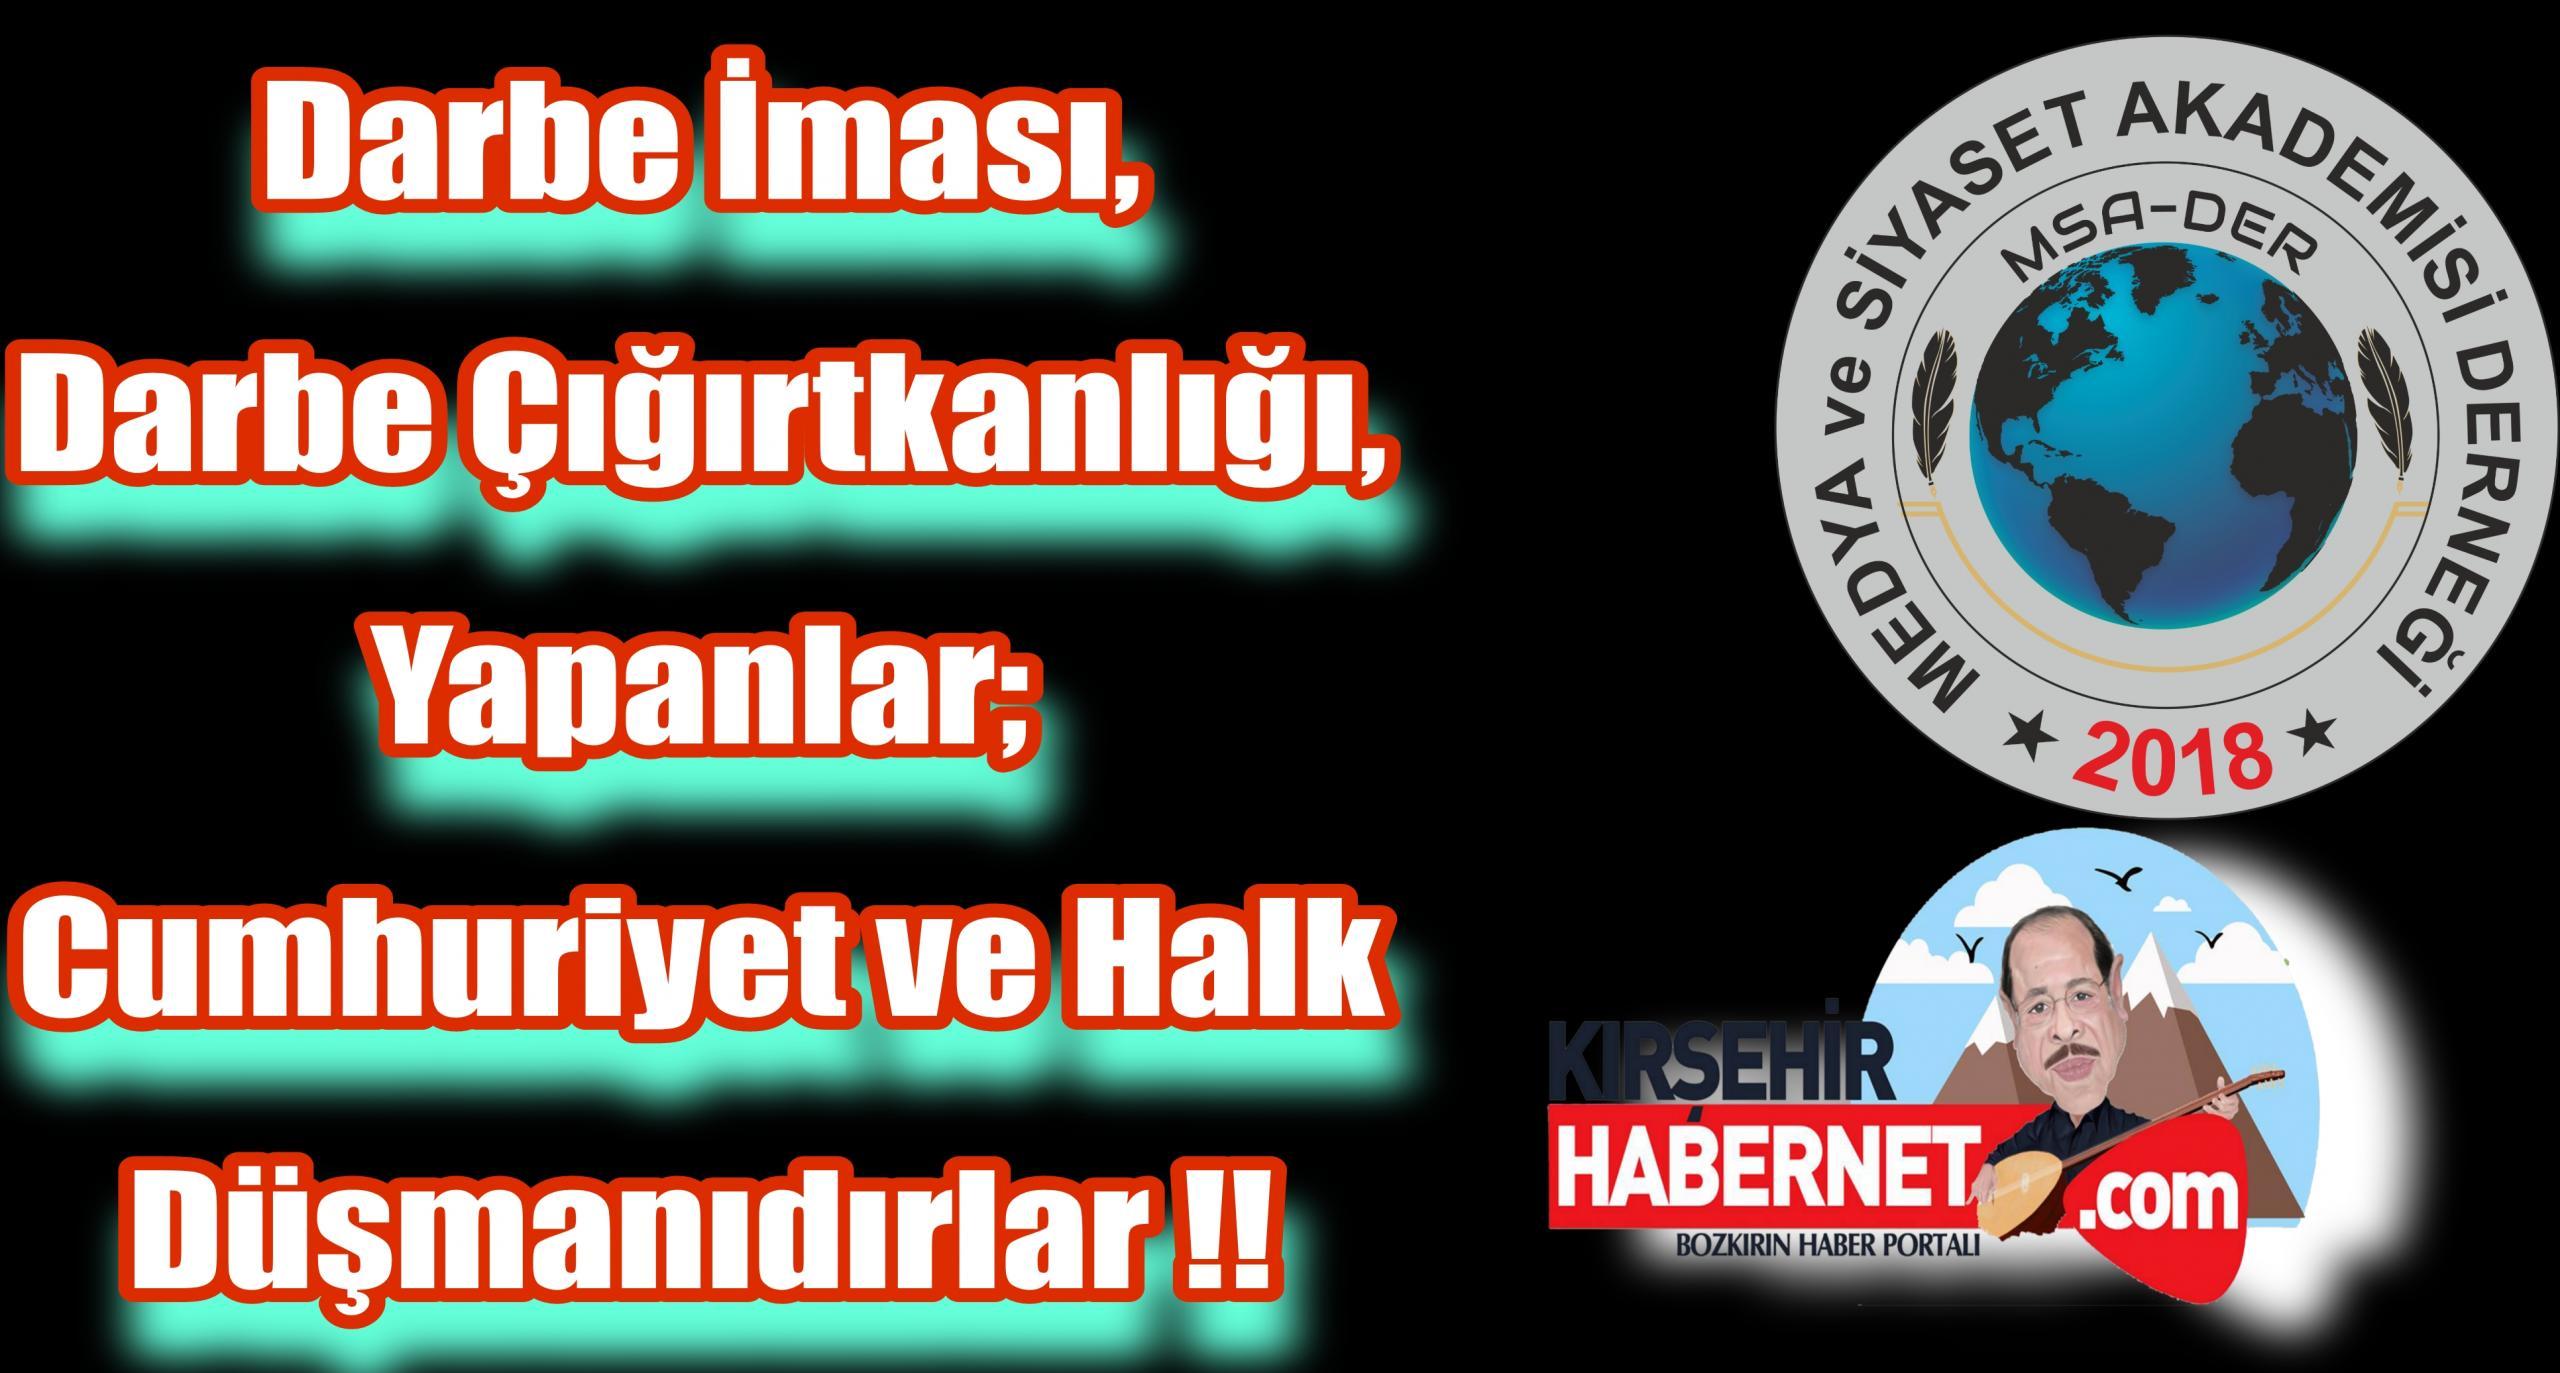 DARBE İMASI YAPANLAR VATAN HAINIDİRLER !!